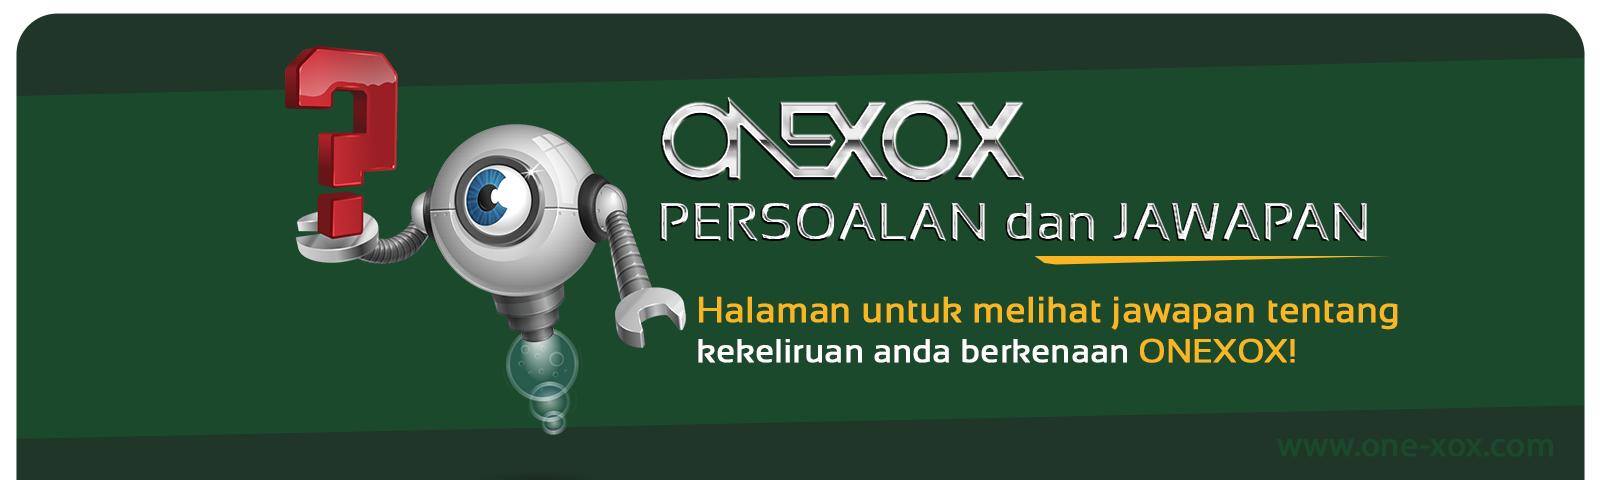 PersoalanDanJawapanONEXOX